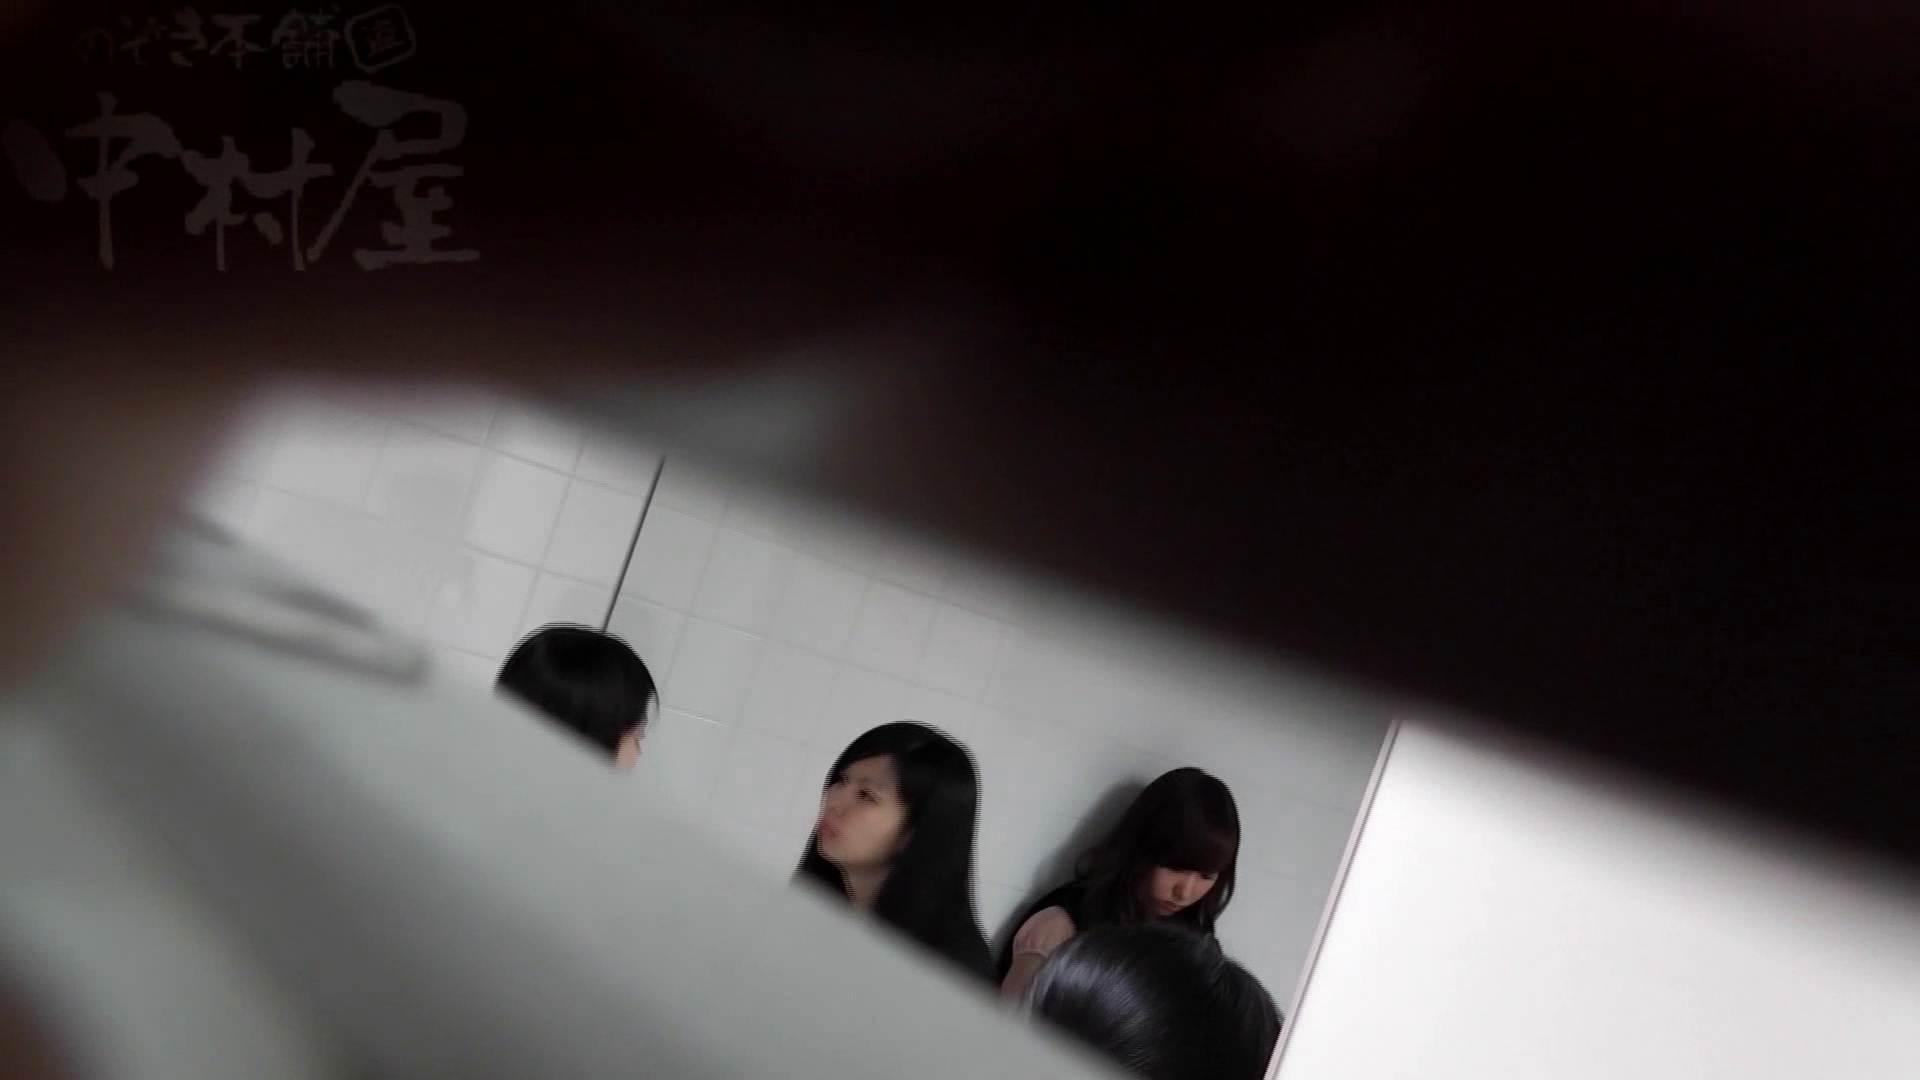 美しい日本の未来 No.26 美女偏差値オール90 女子トイレ セックス無修正動画無料 100連発 13